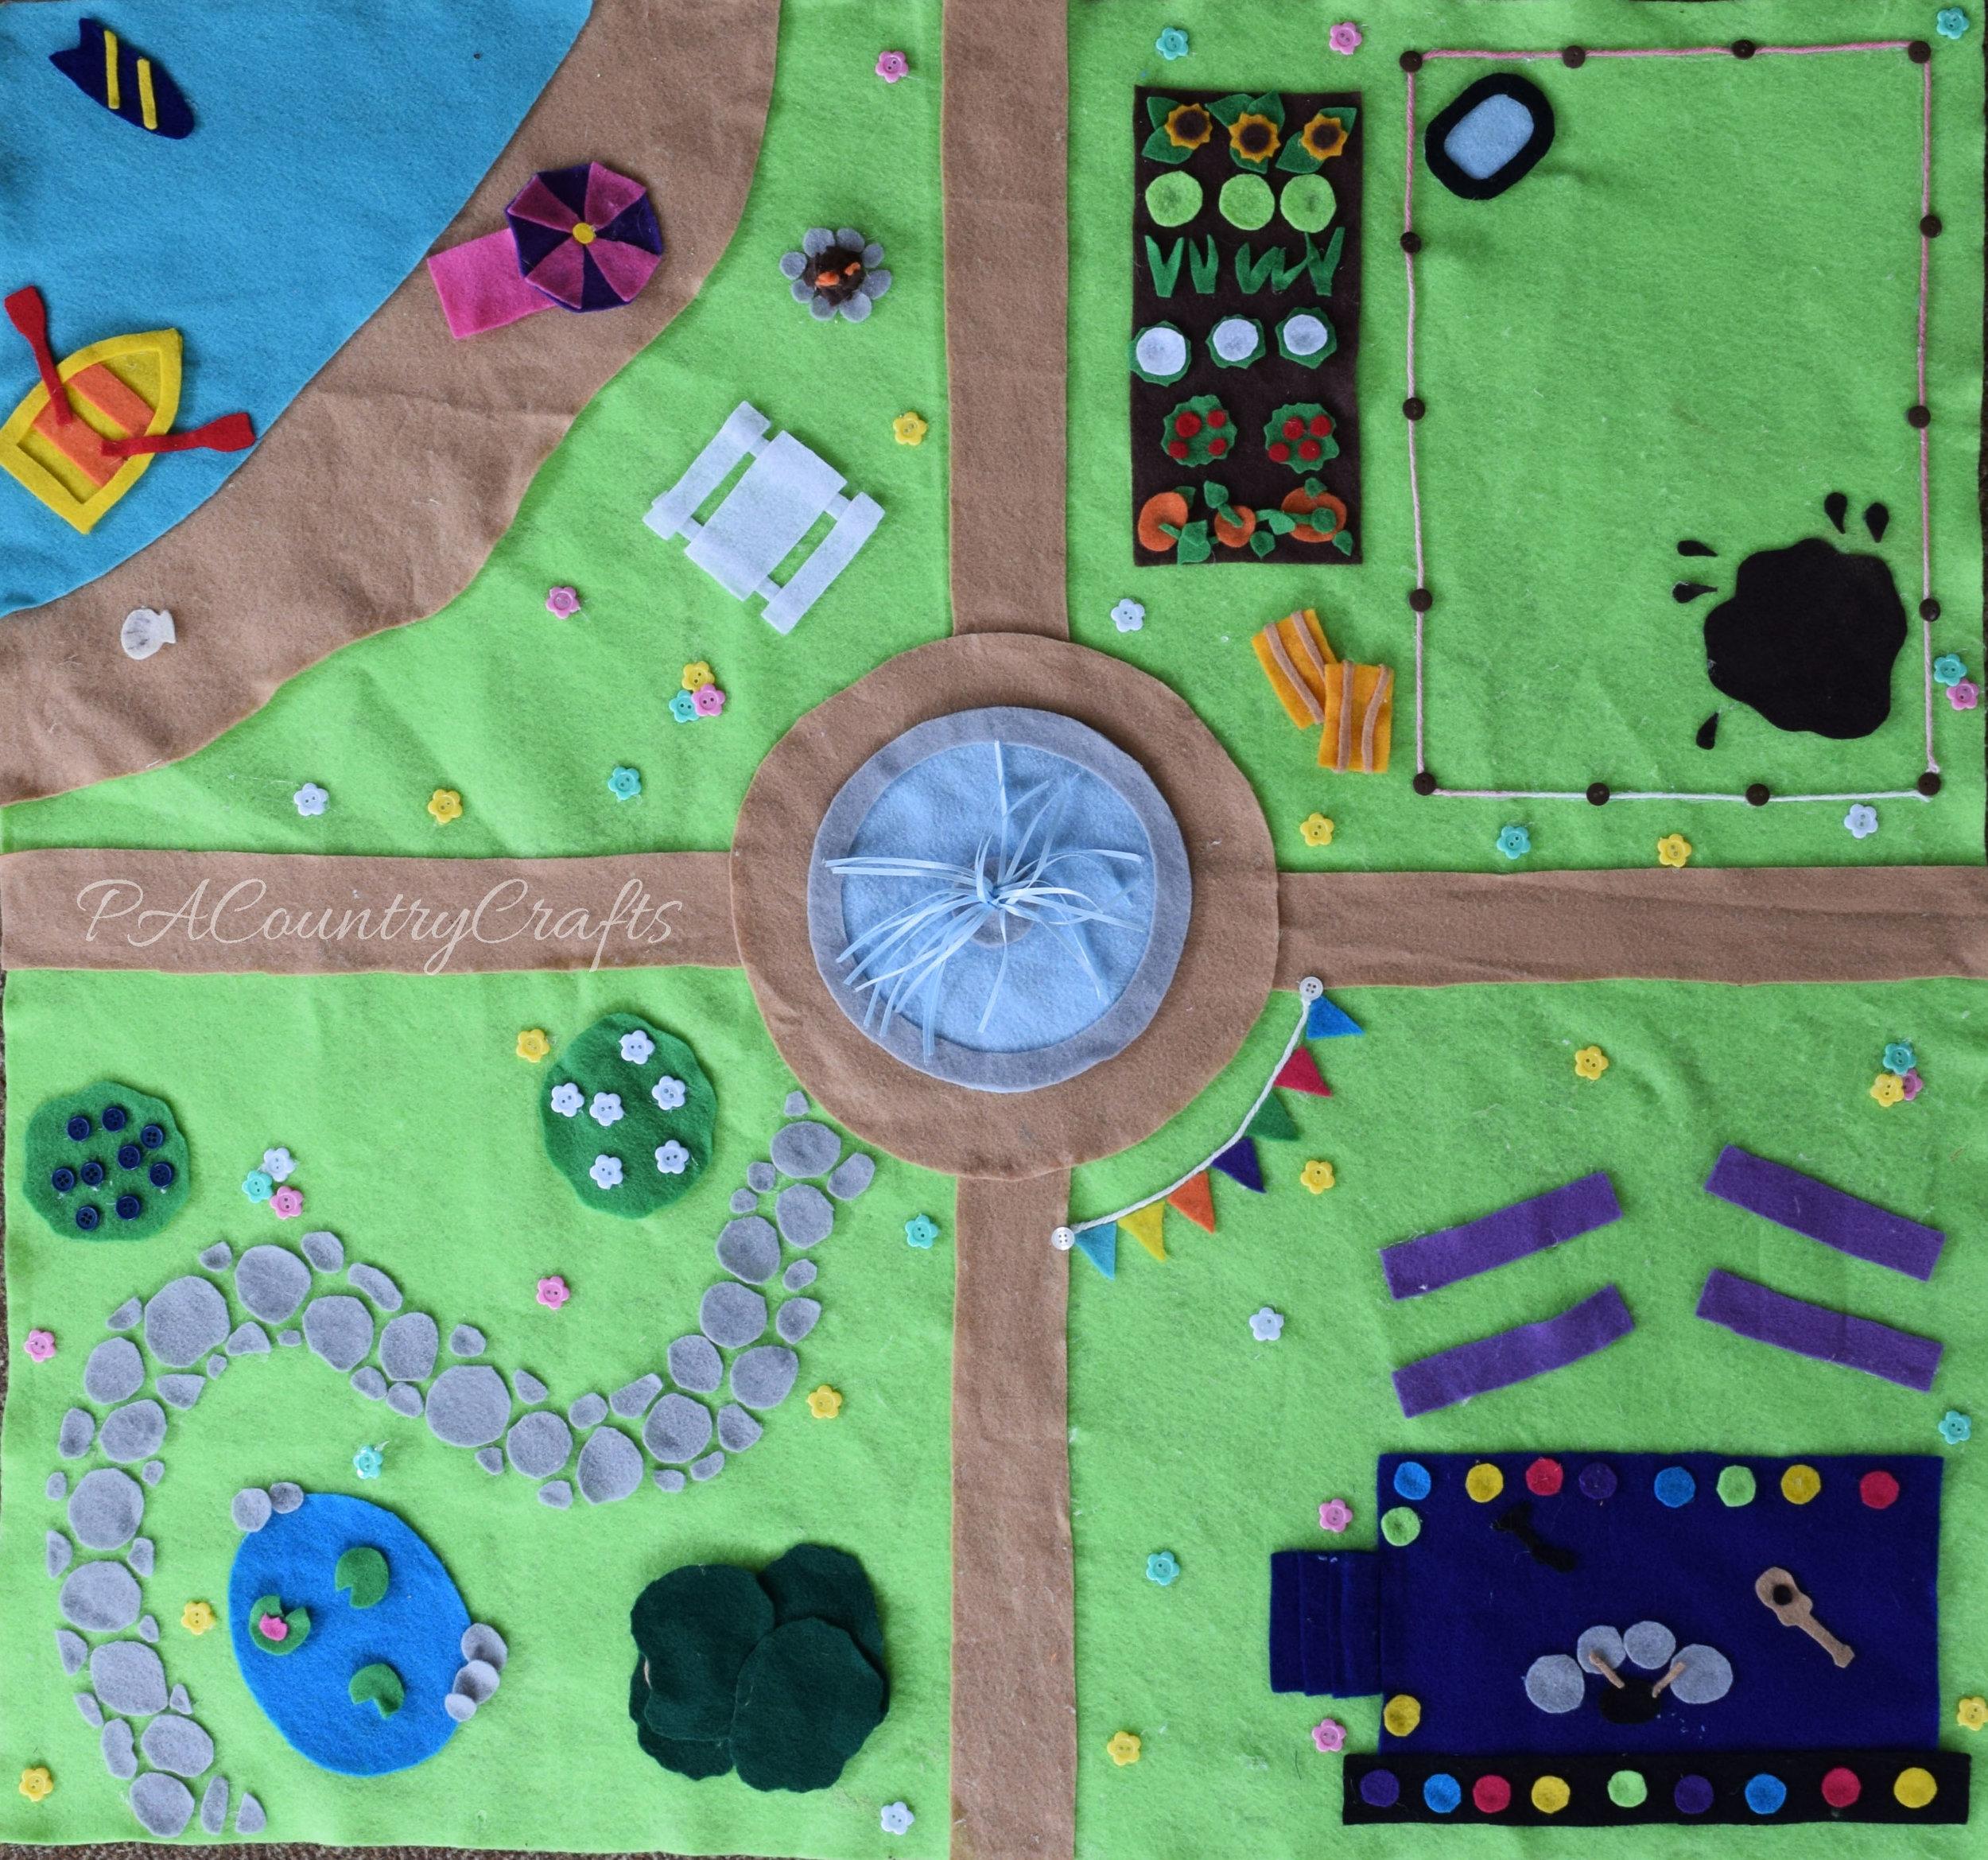 Kids craft no-sew felt play mat